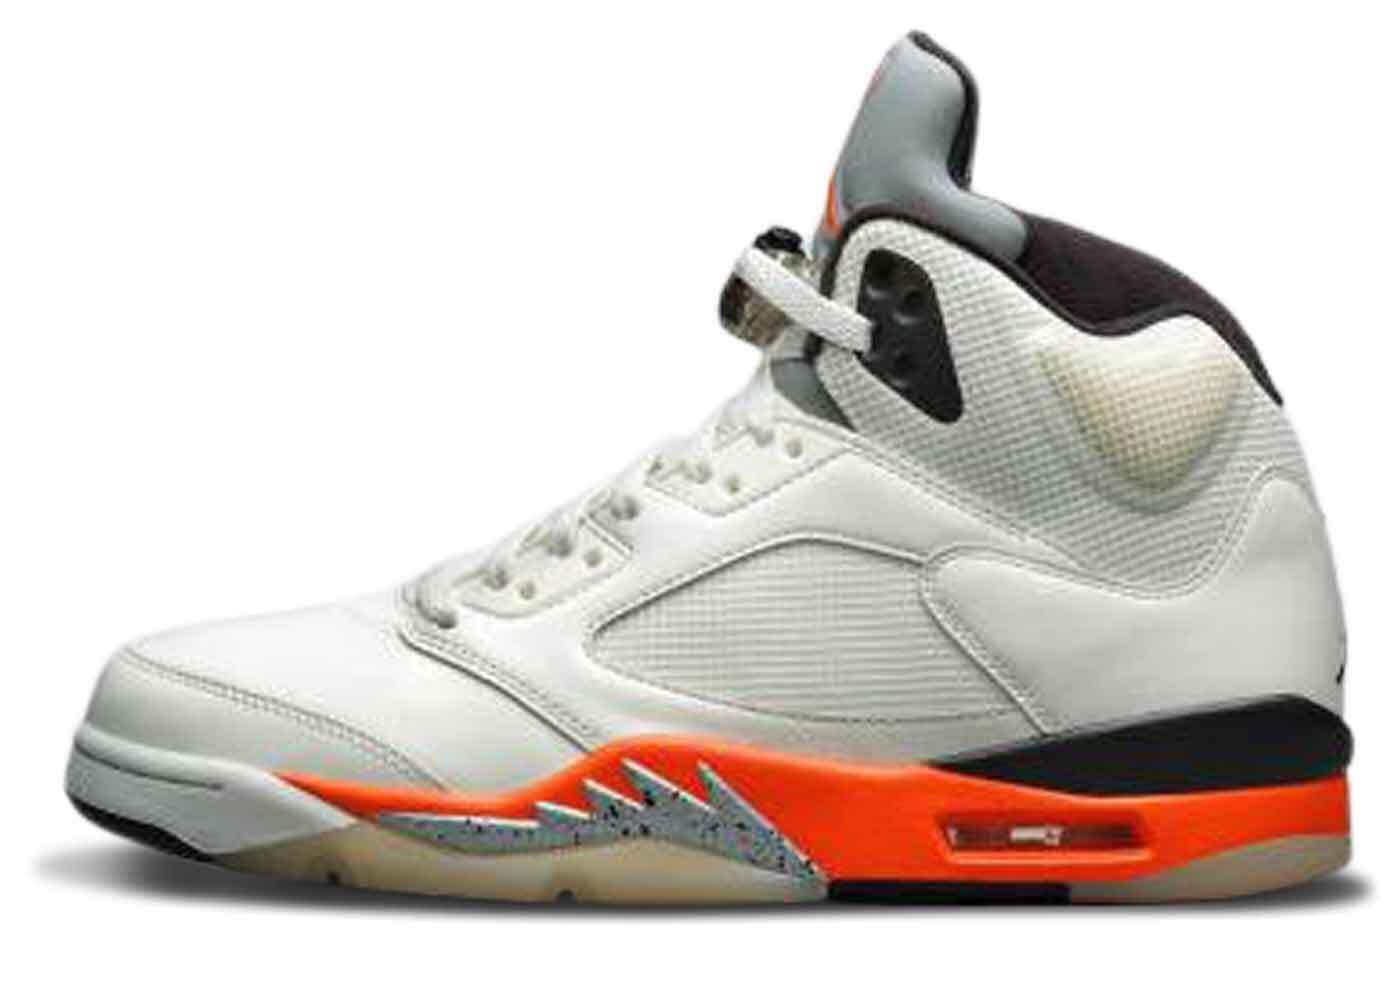 Nike Air Jordan 5 Shattered Backboardの写真